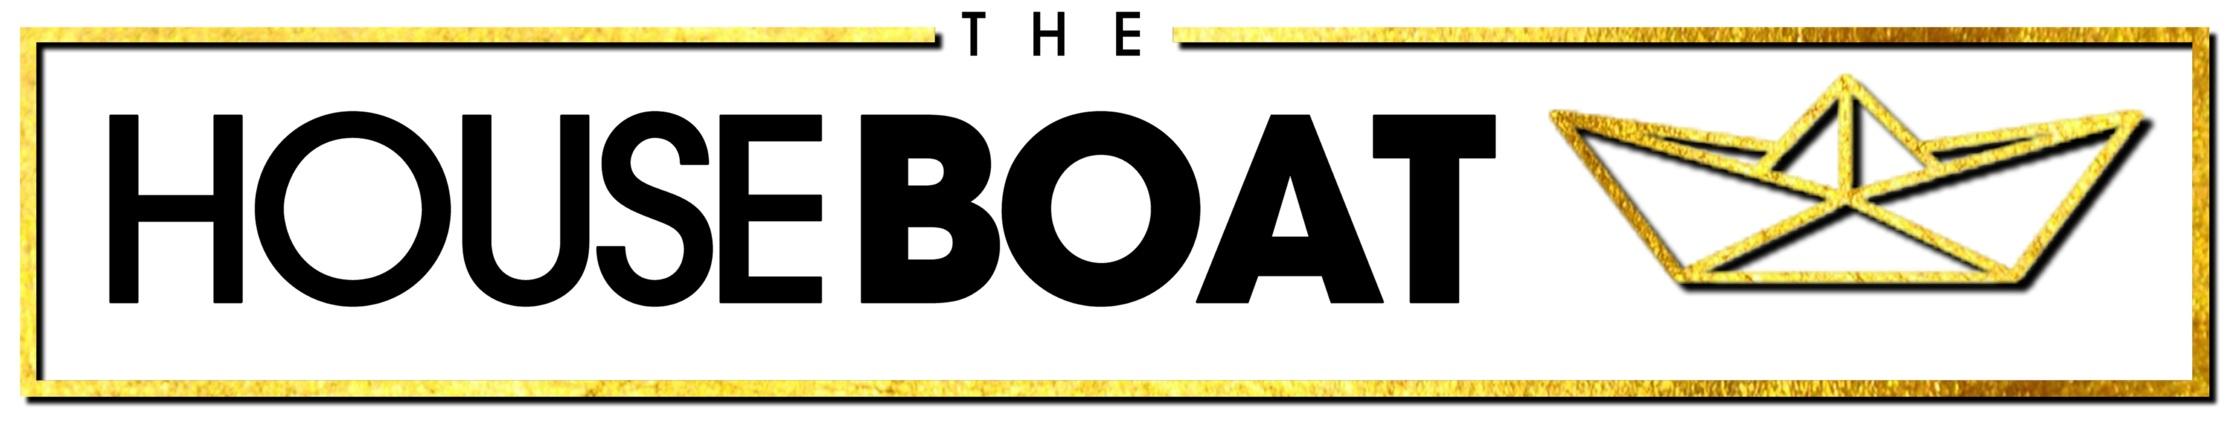 THE+BOAT+HOUSE+LOGO+2+%282%29v.jpg